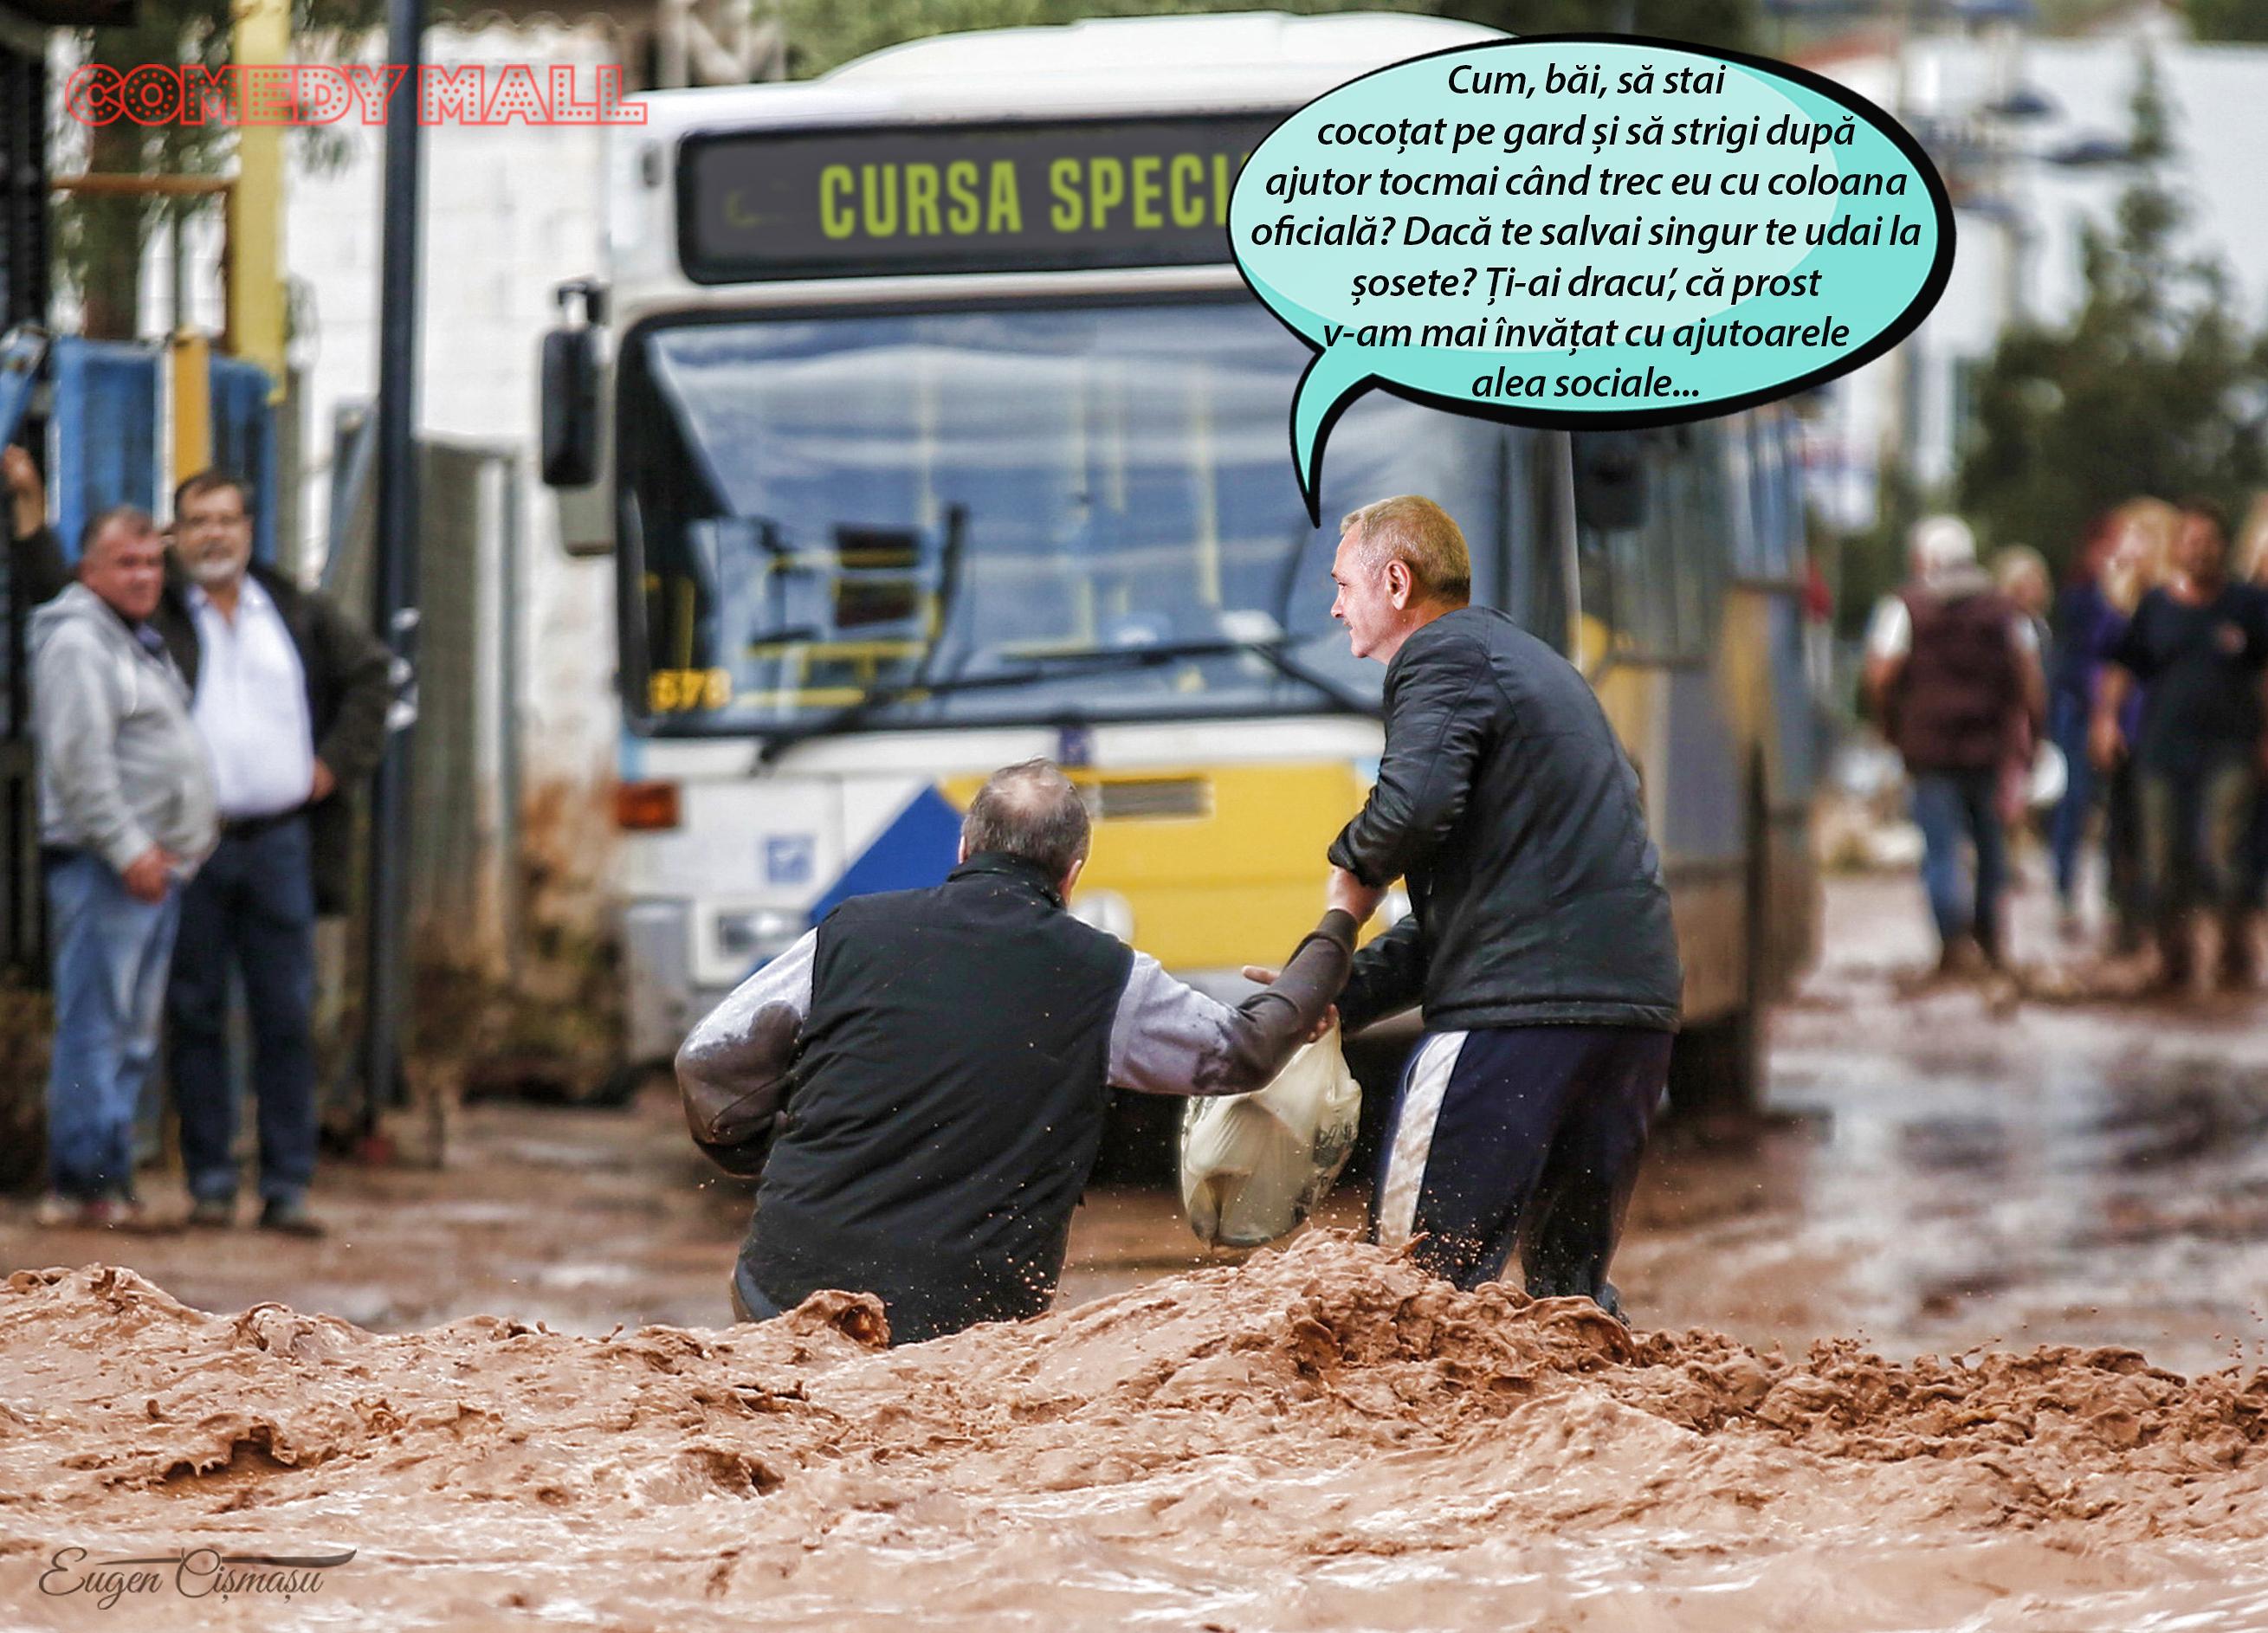 Zdragnea sprijin la inundaţii